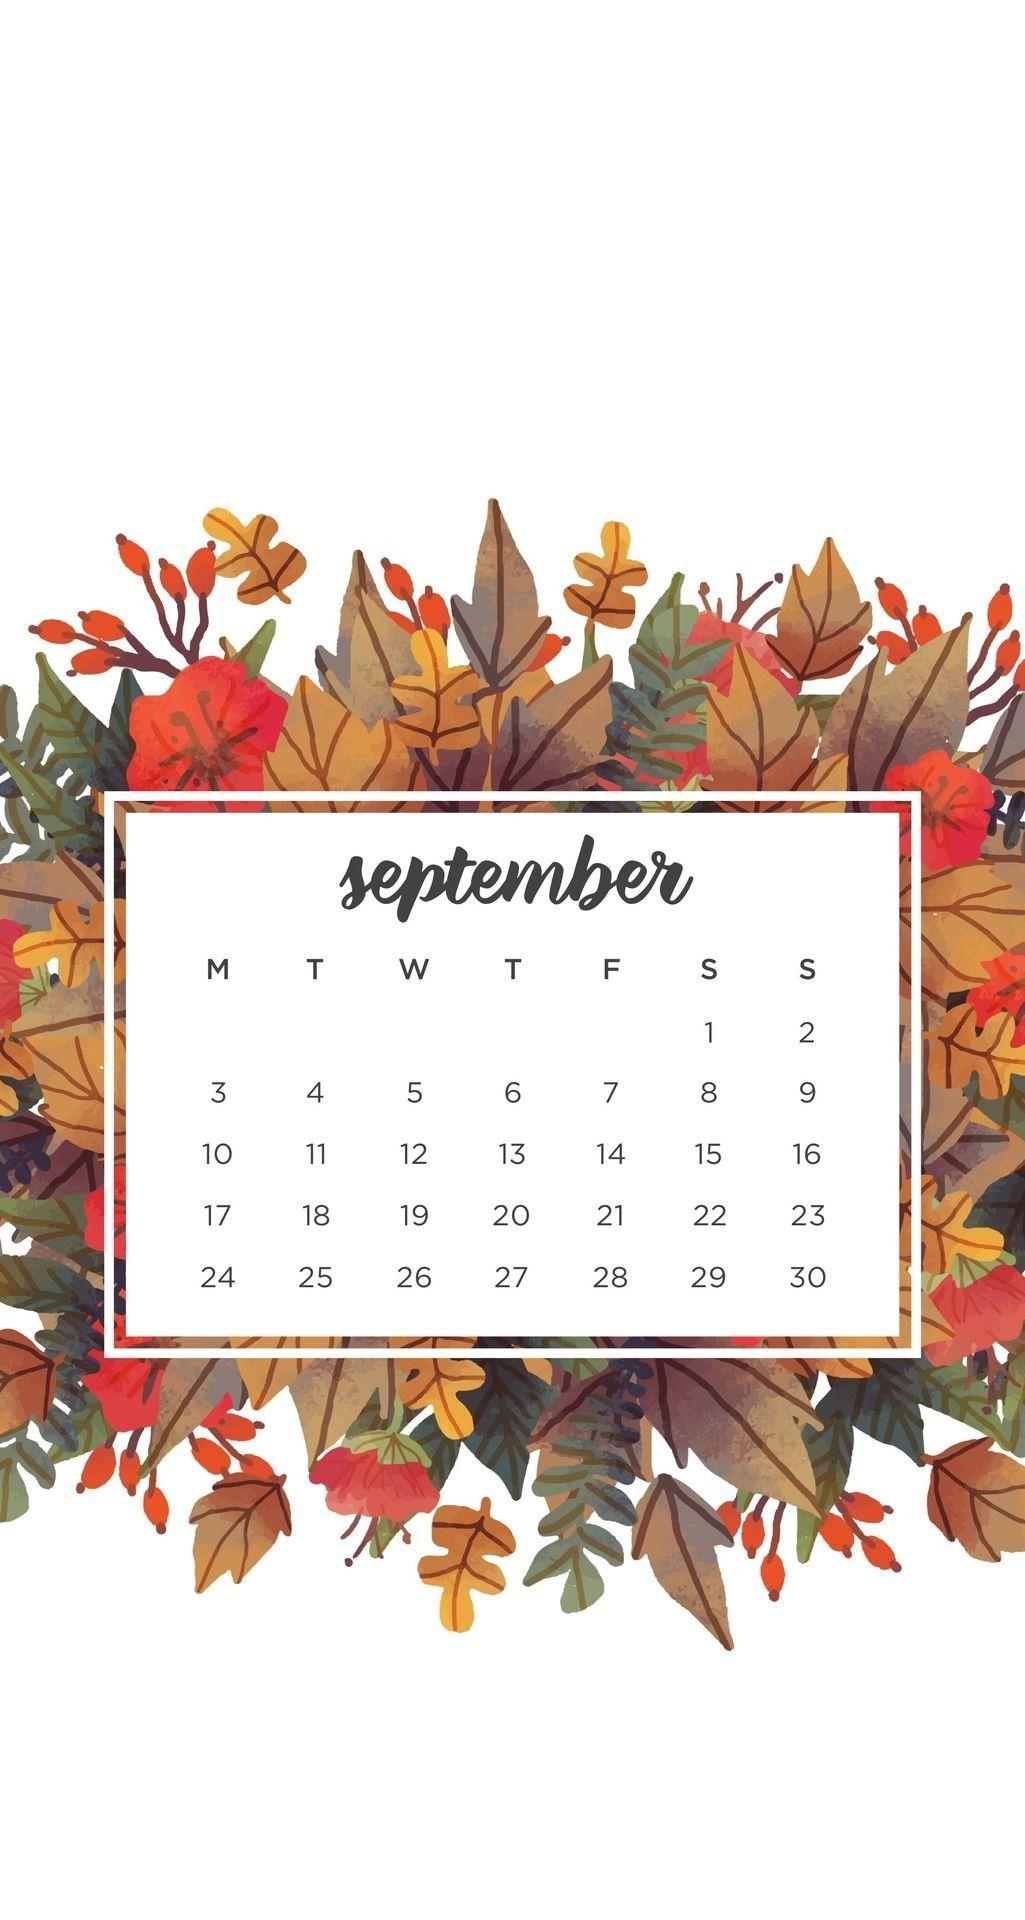 September 2018 Wallpaper calendar iPhone #septemberwallpaper September 2018 Wallpaper calendar iPhone #septemberwallpaper